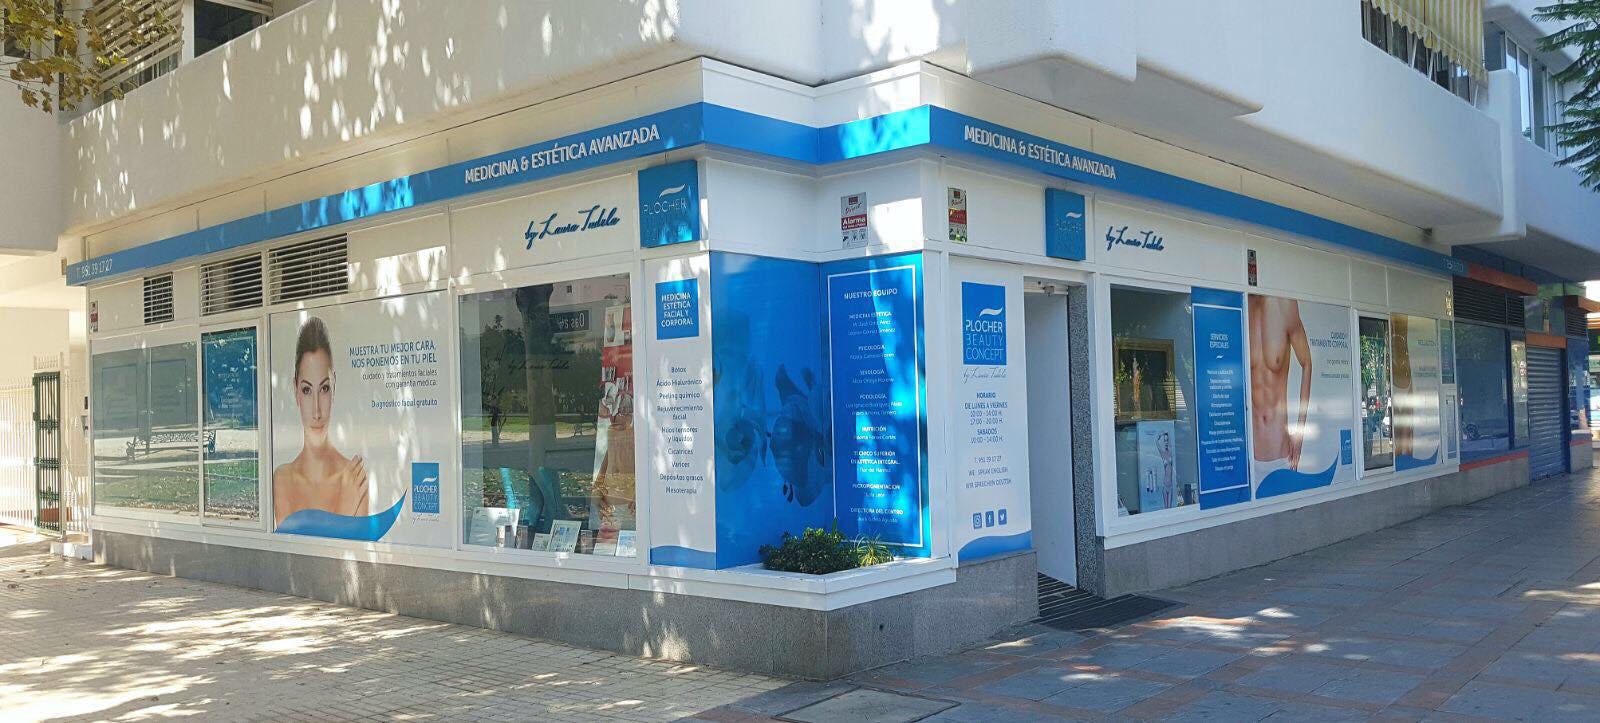 Diseño fachada Clínica Beuty Plocher by An Publicidad